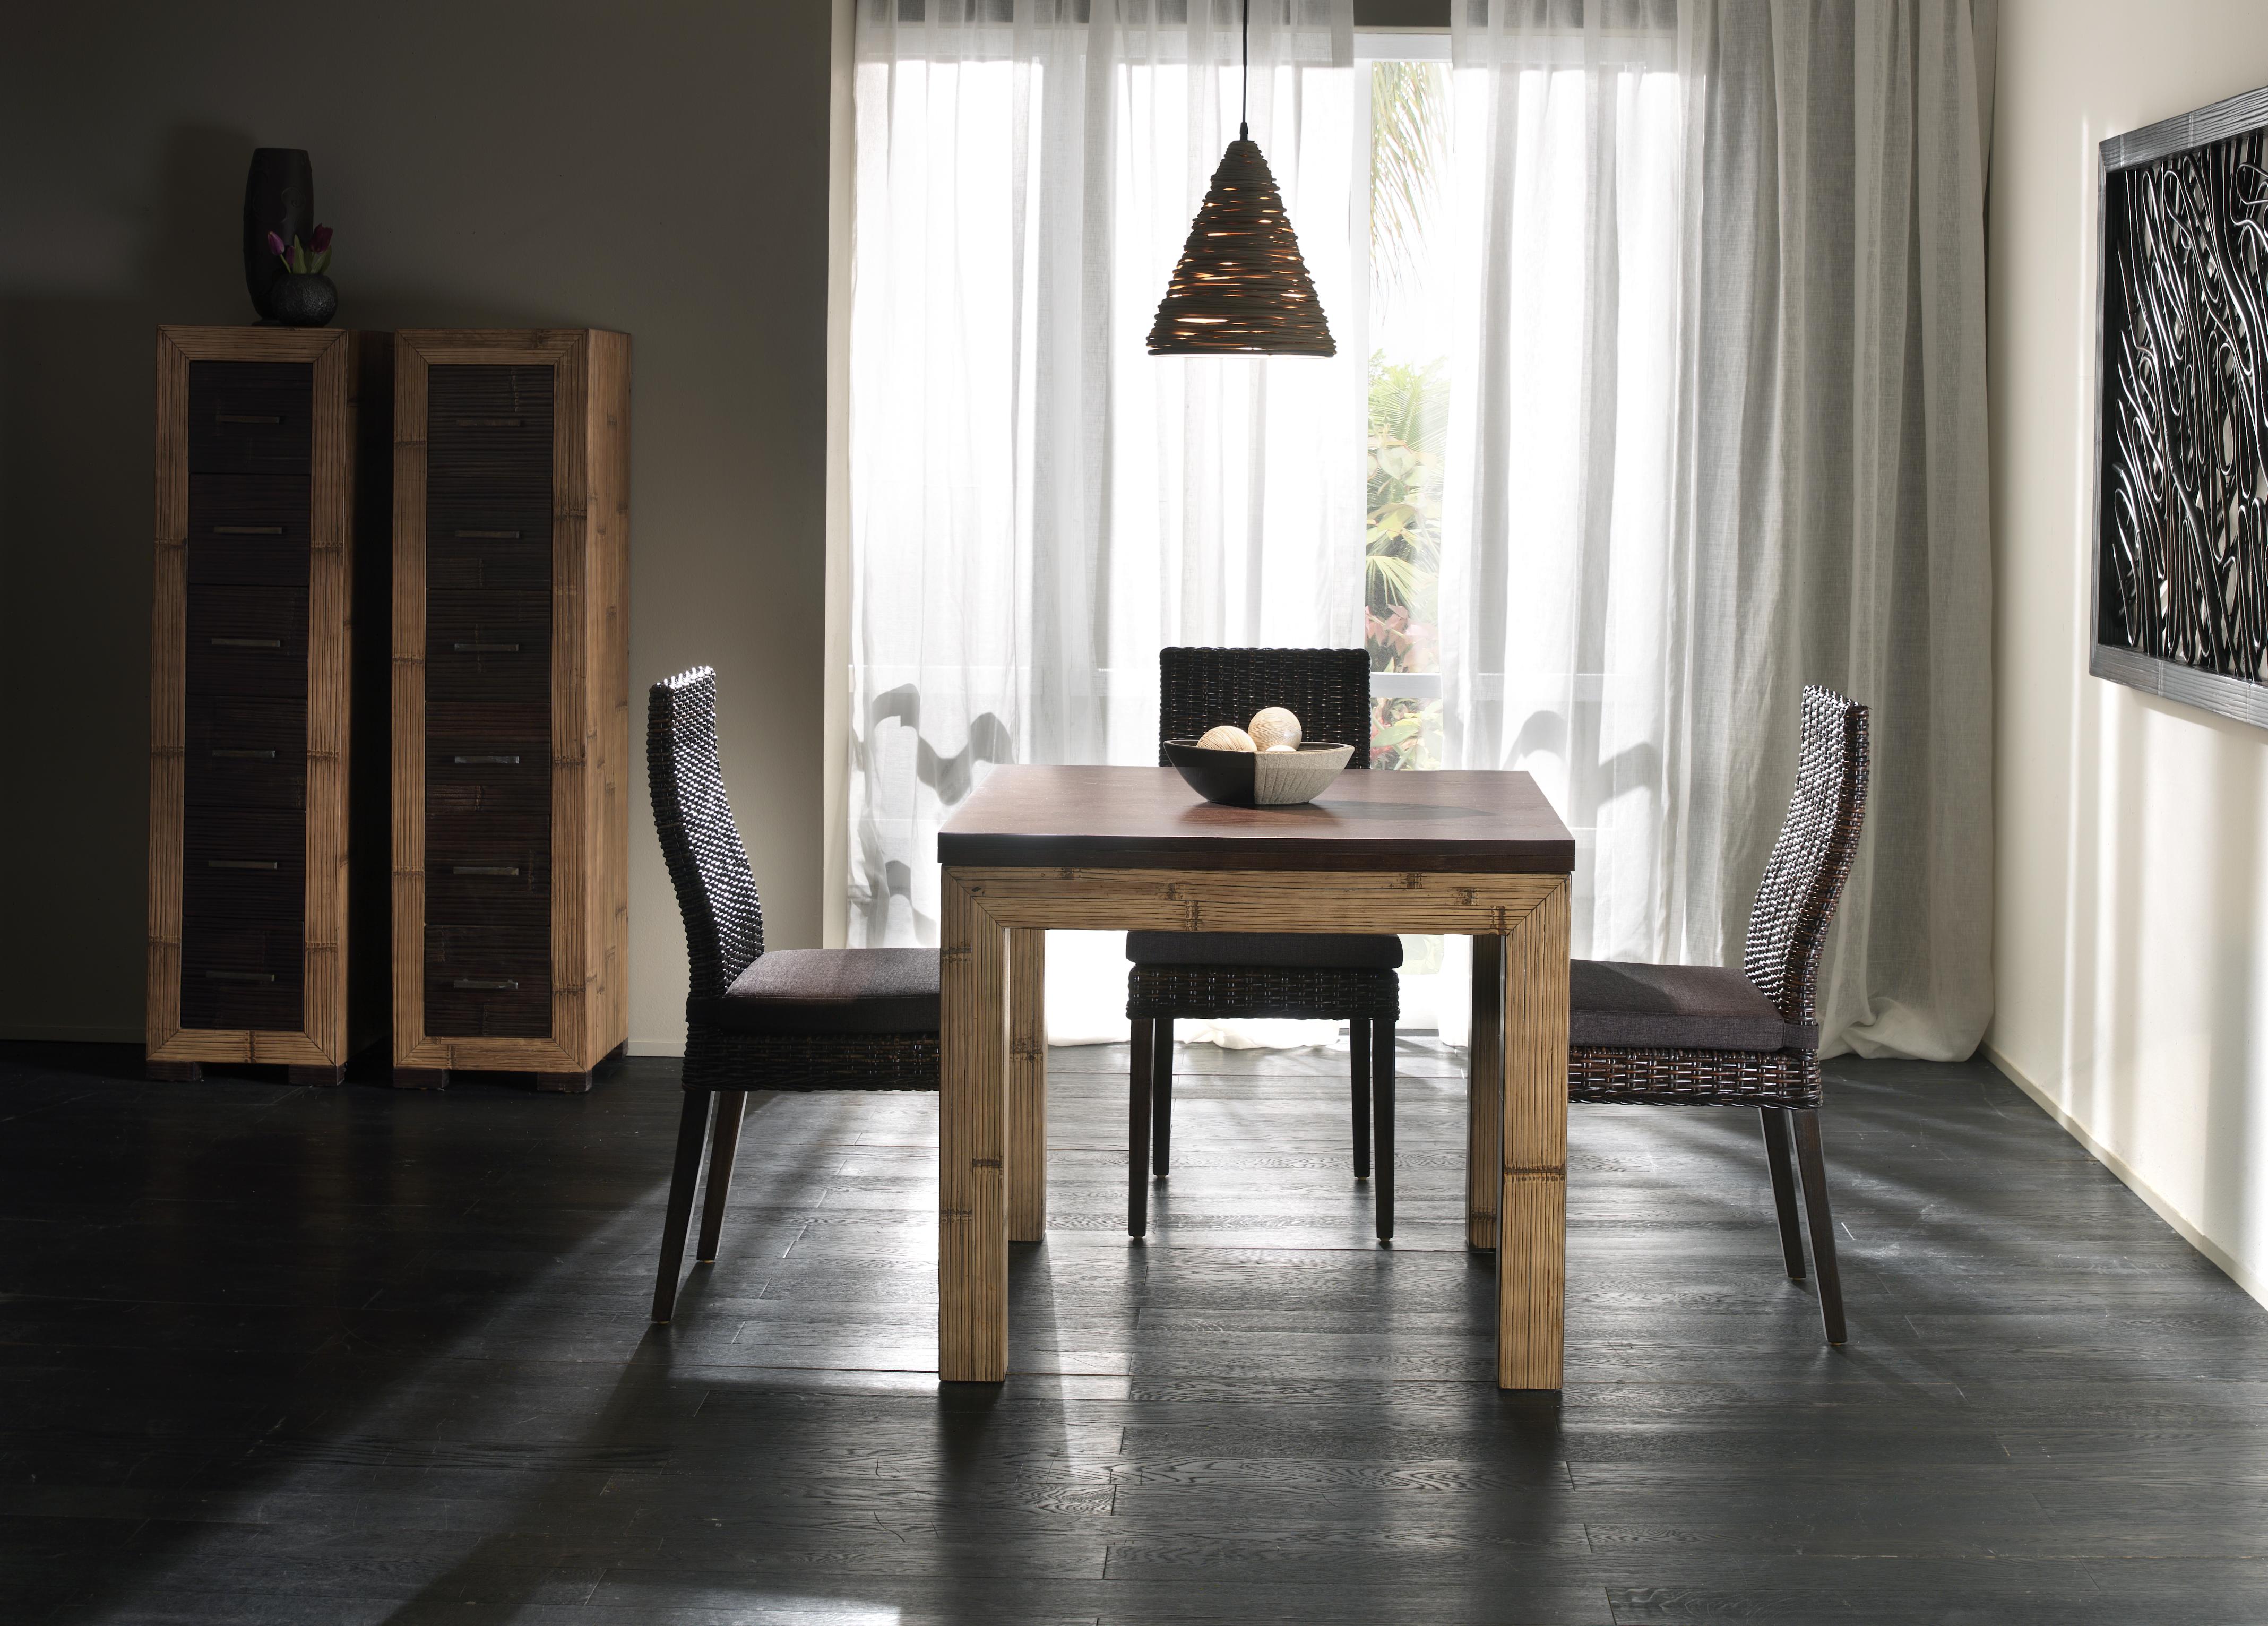 Table salle manger avec rallonge d pliante en bambou et for Table salle a manger wenge avec rallonge